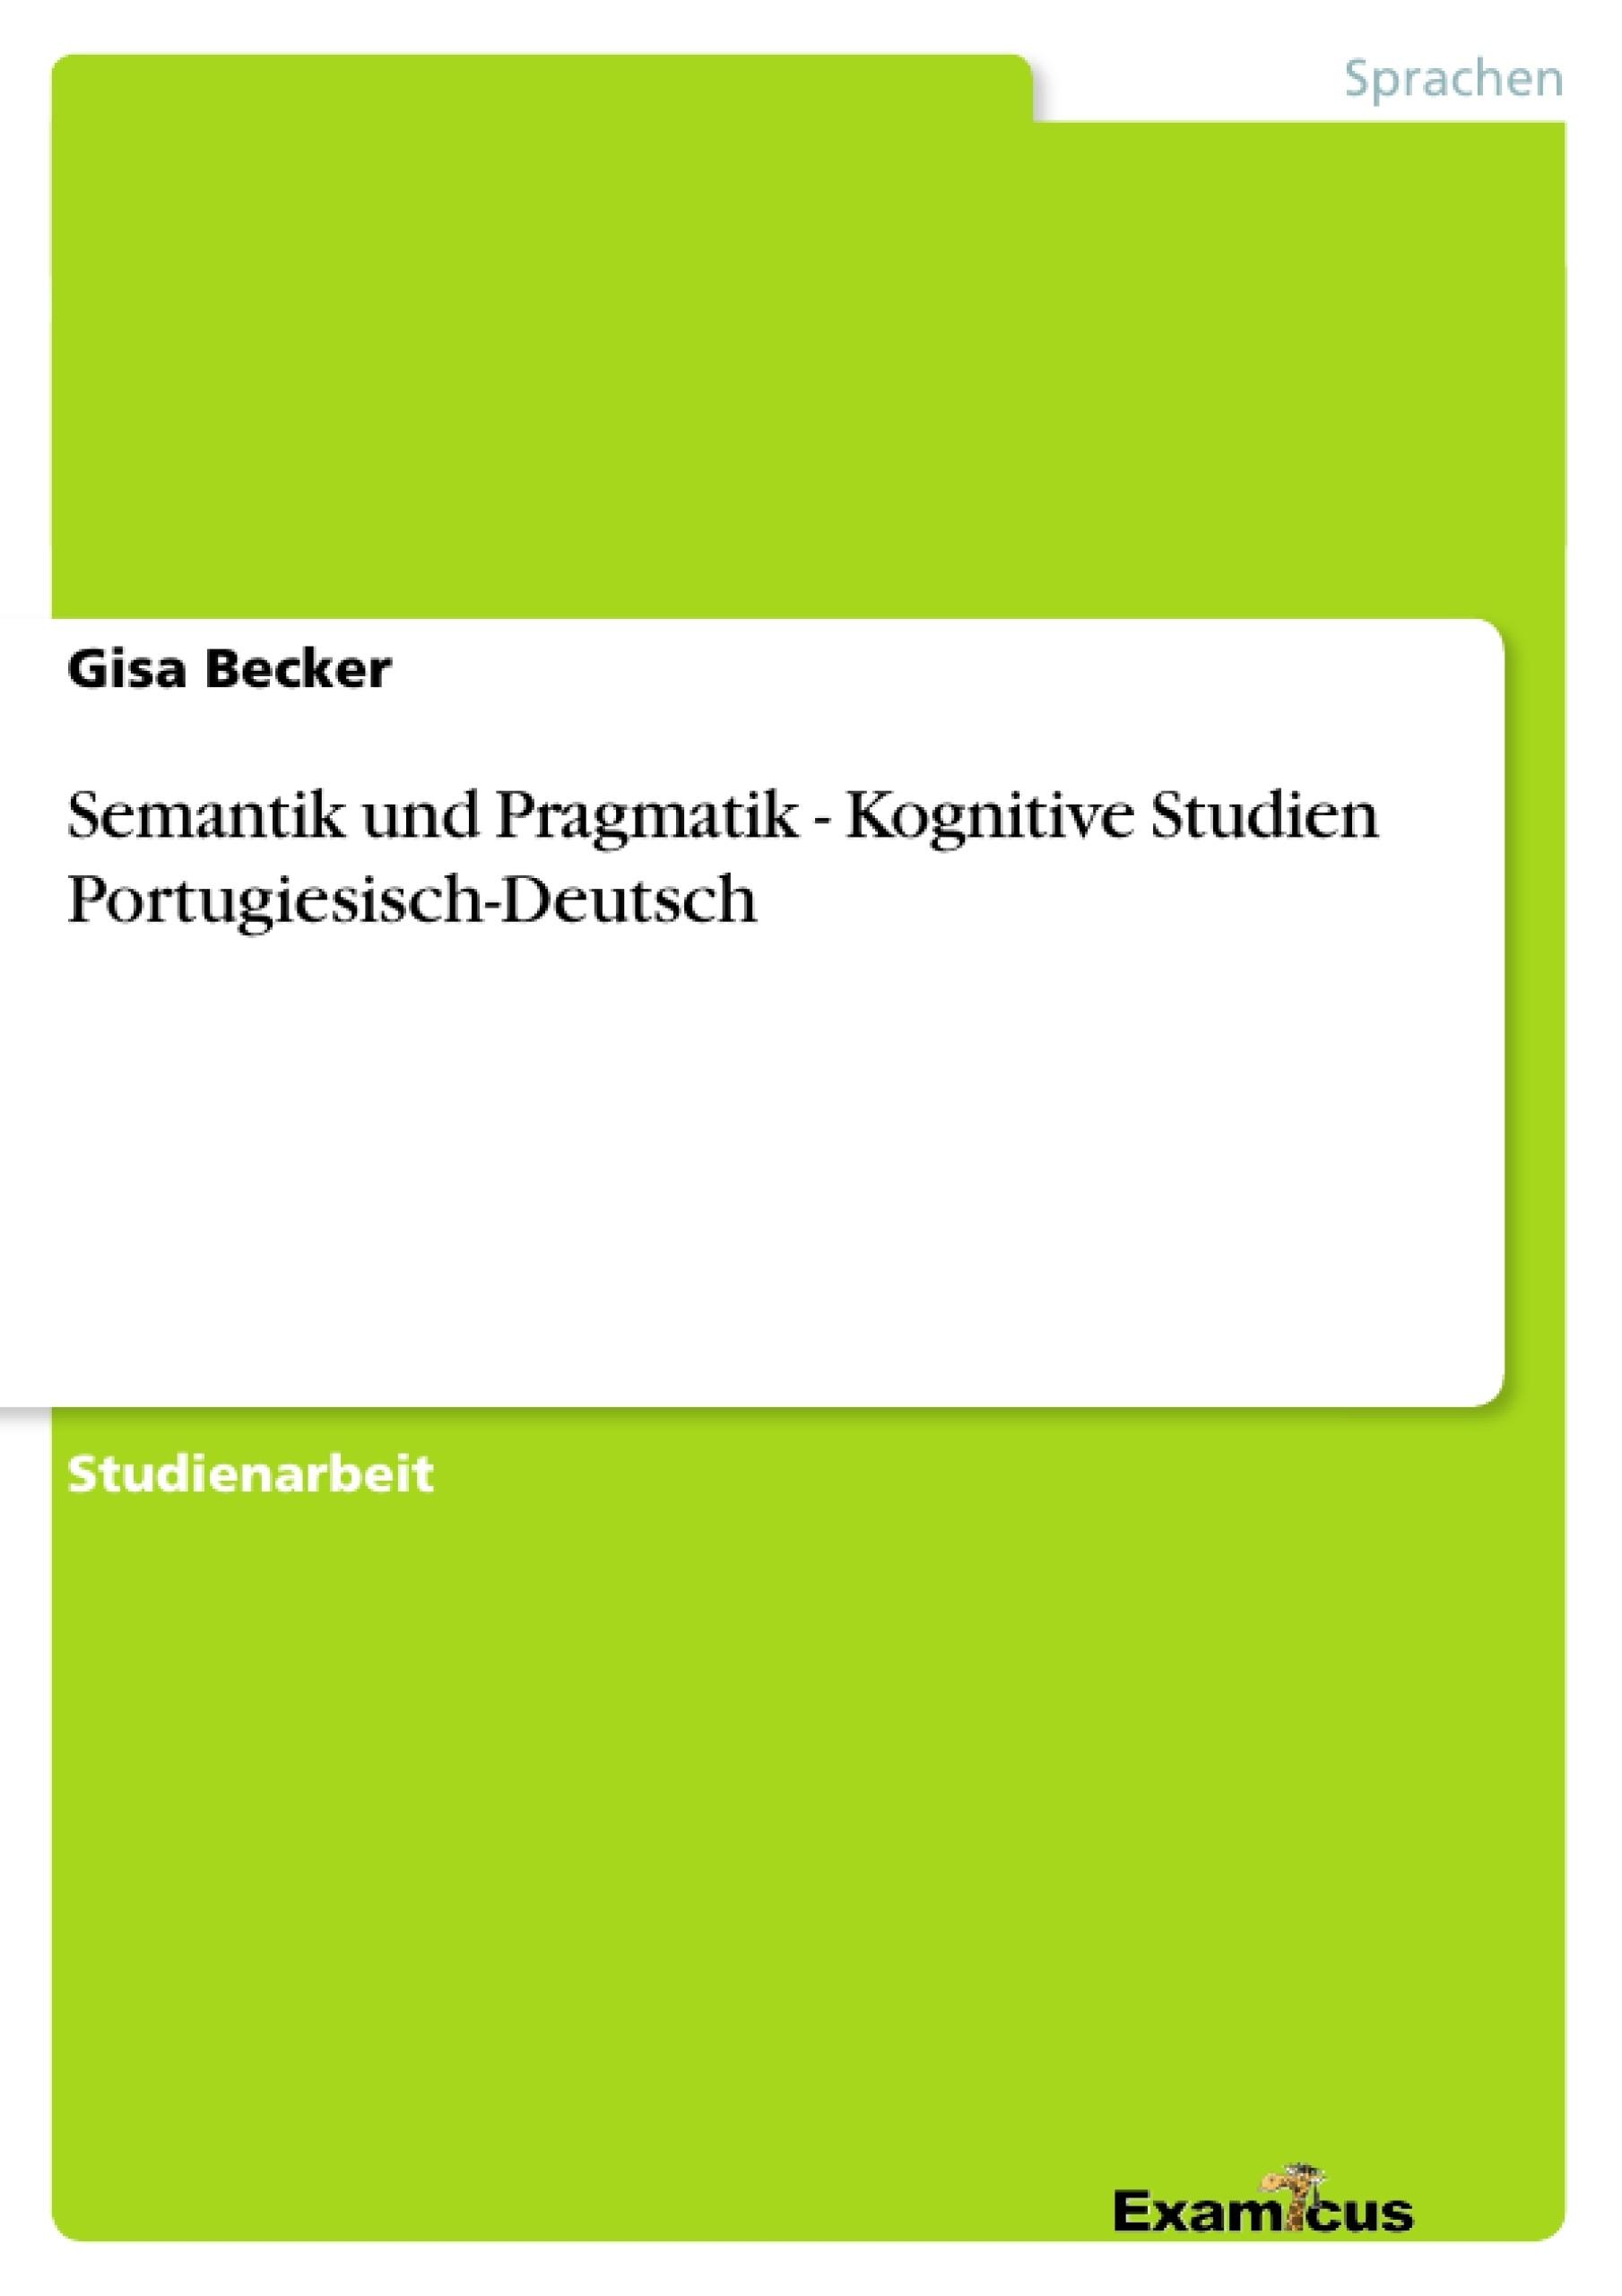 Titel: Semantik und Pragmatik - Kognitive Studien Portugiesisch-Deutsch